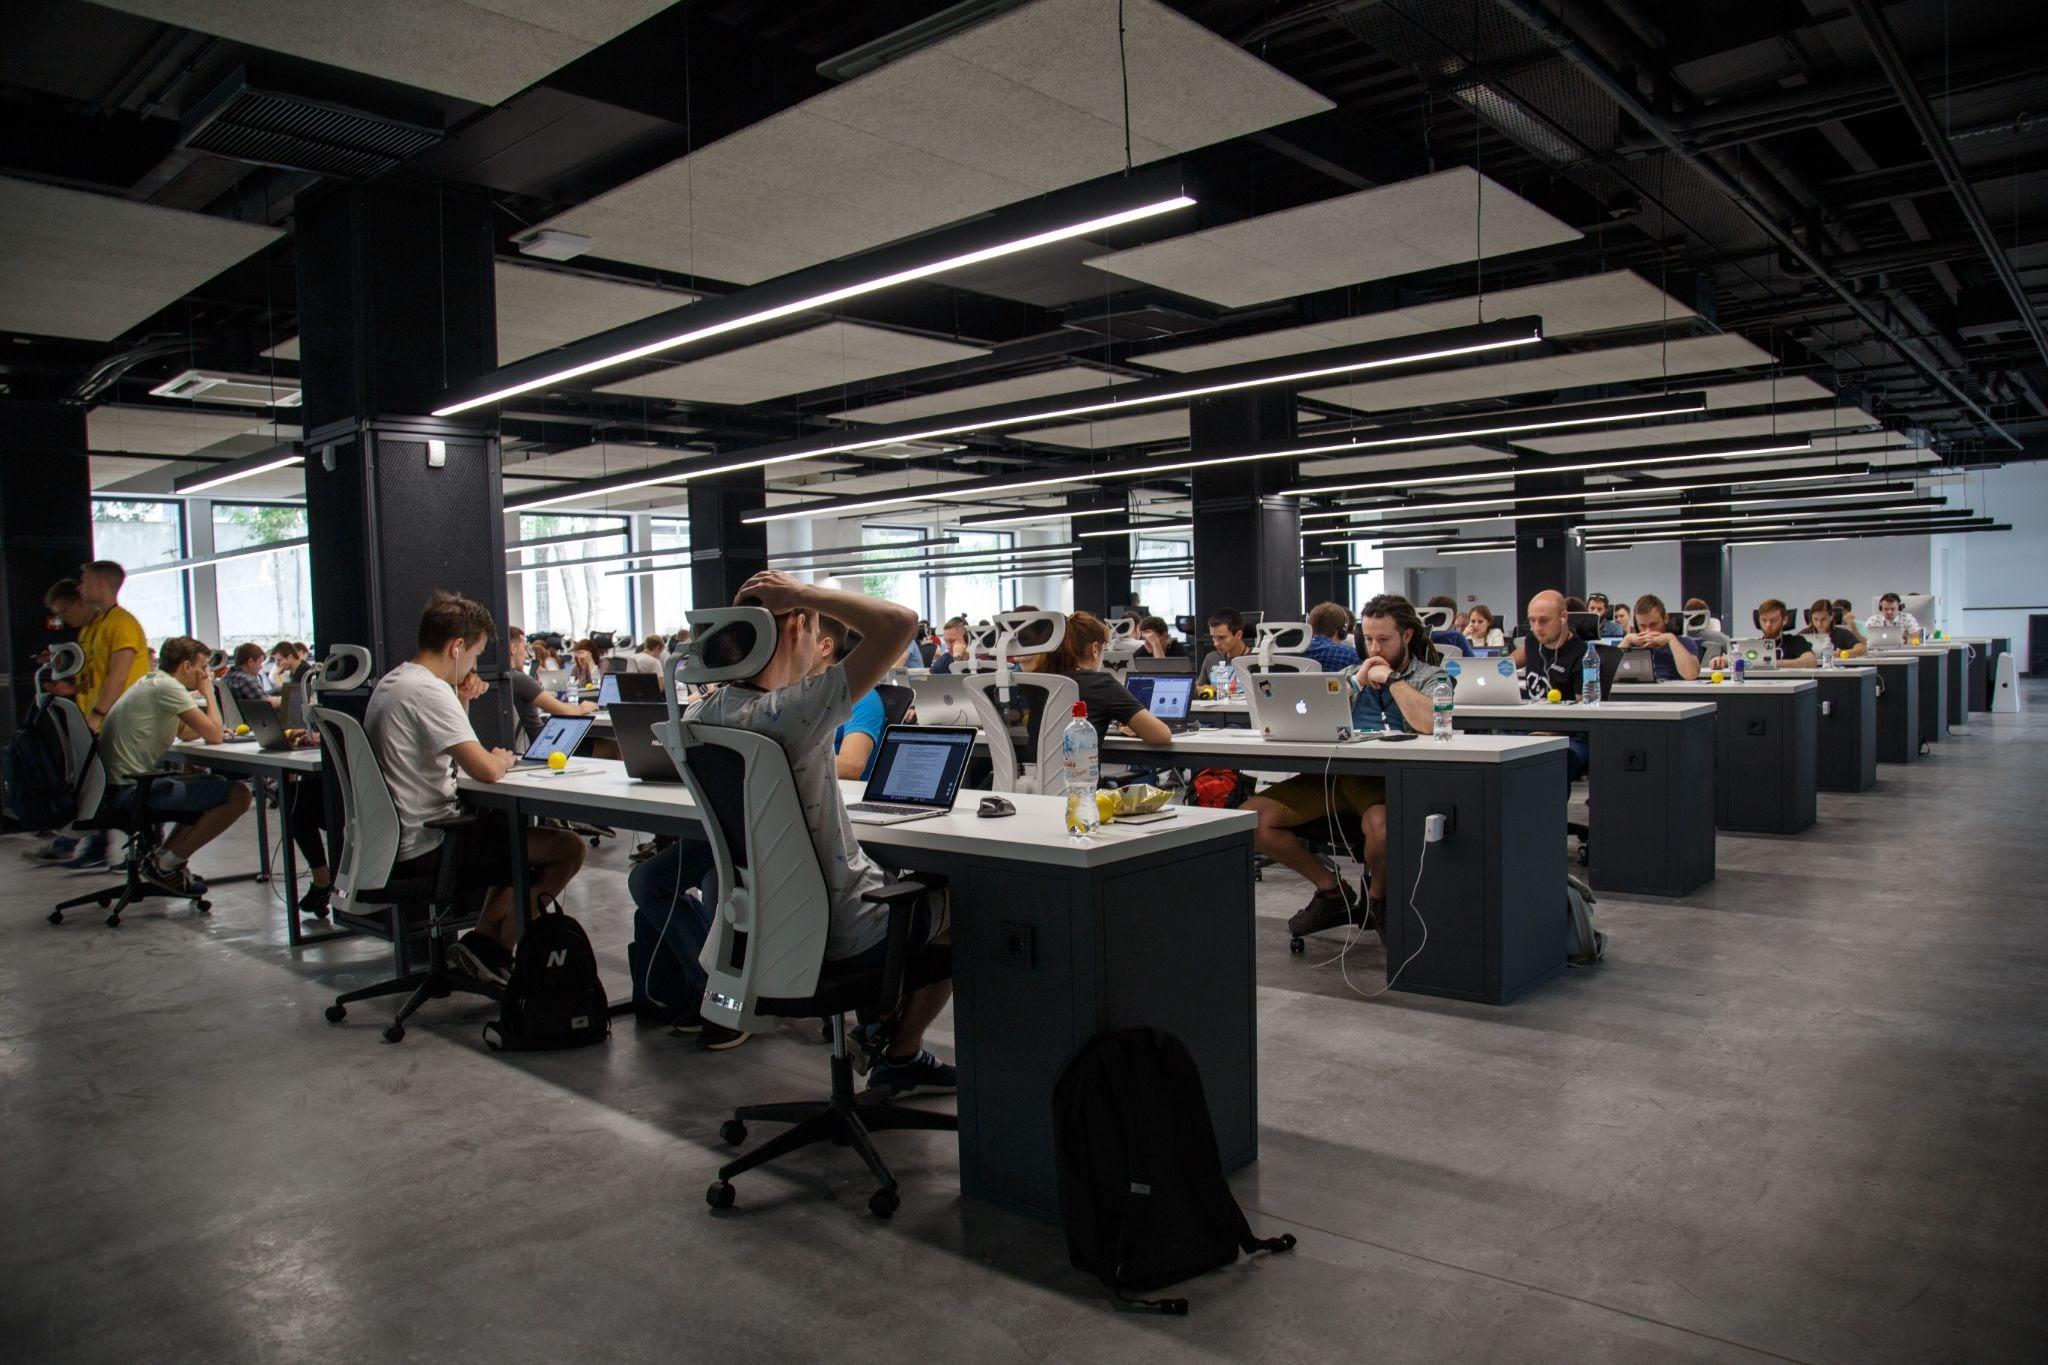 importancia da gestão de processos nas empresas